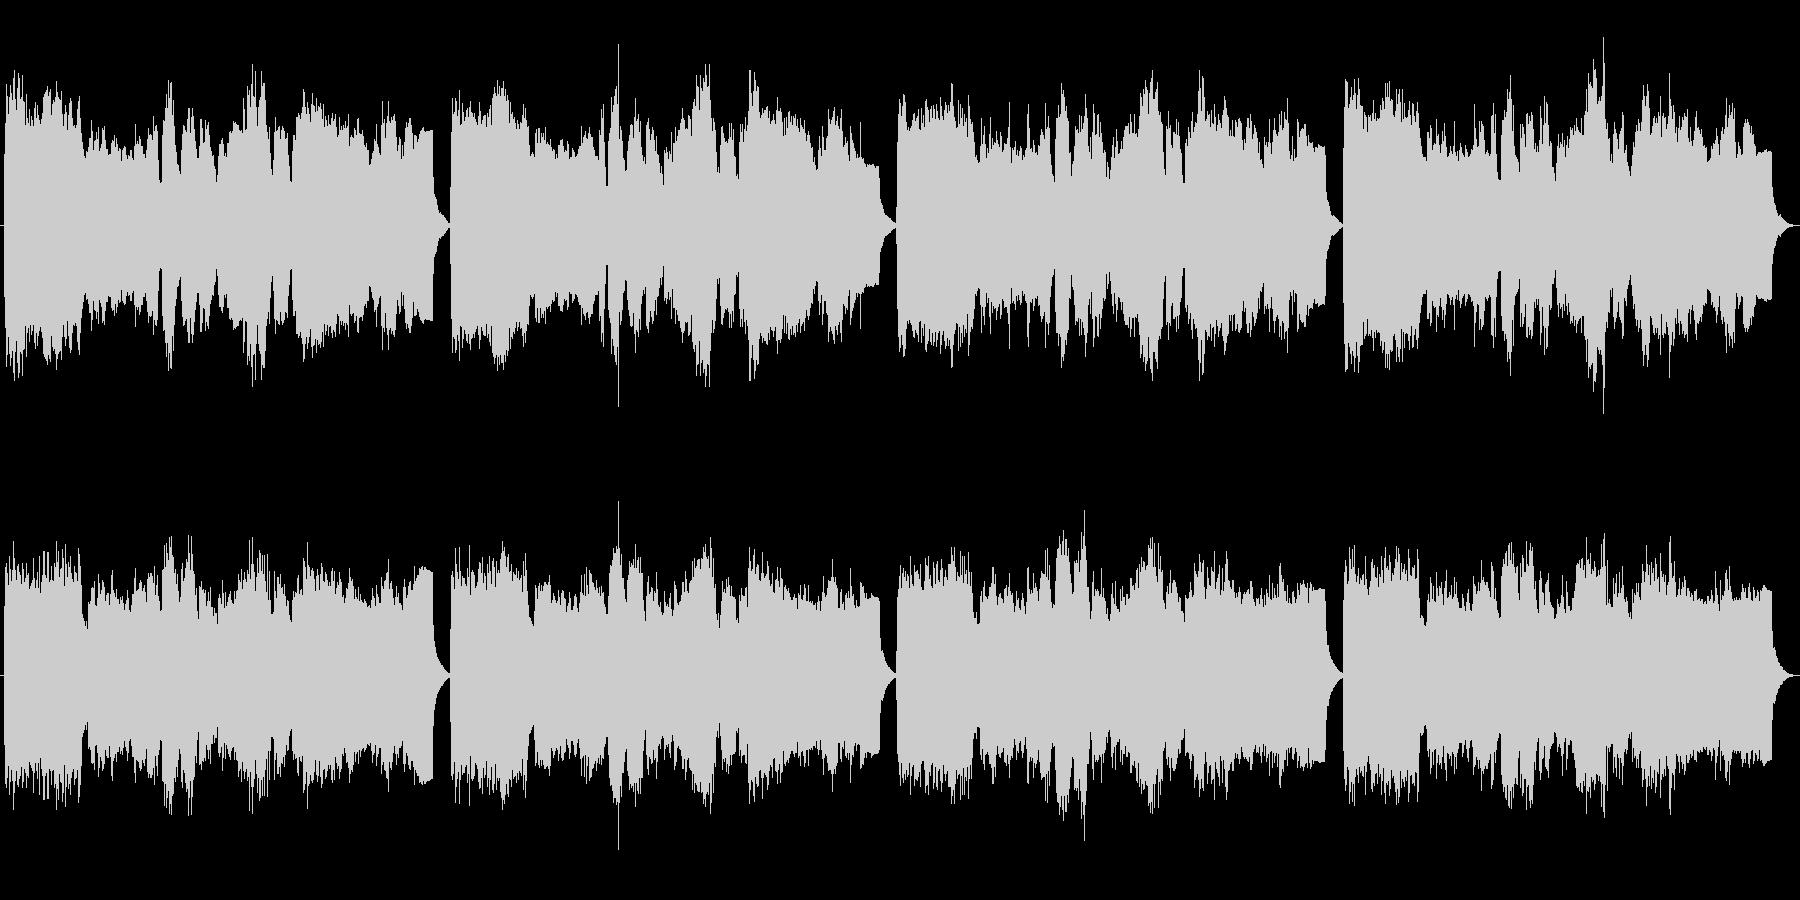 バッハG線上のアリア パイプオルガンの未再生の波形